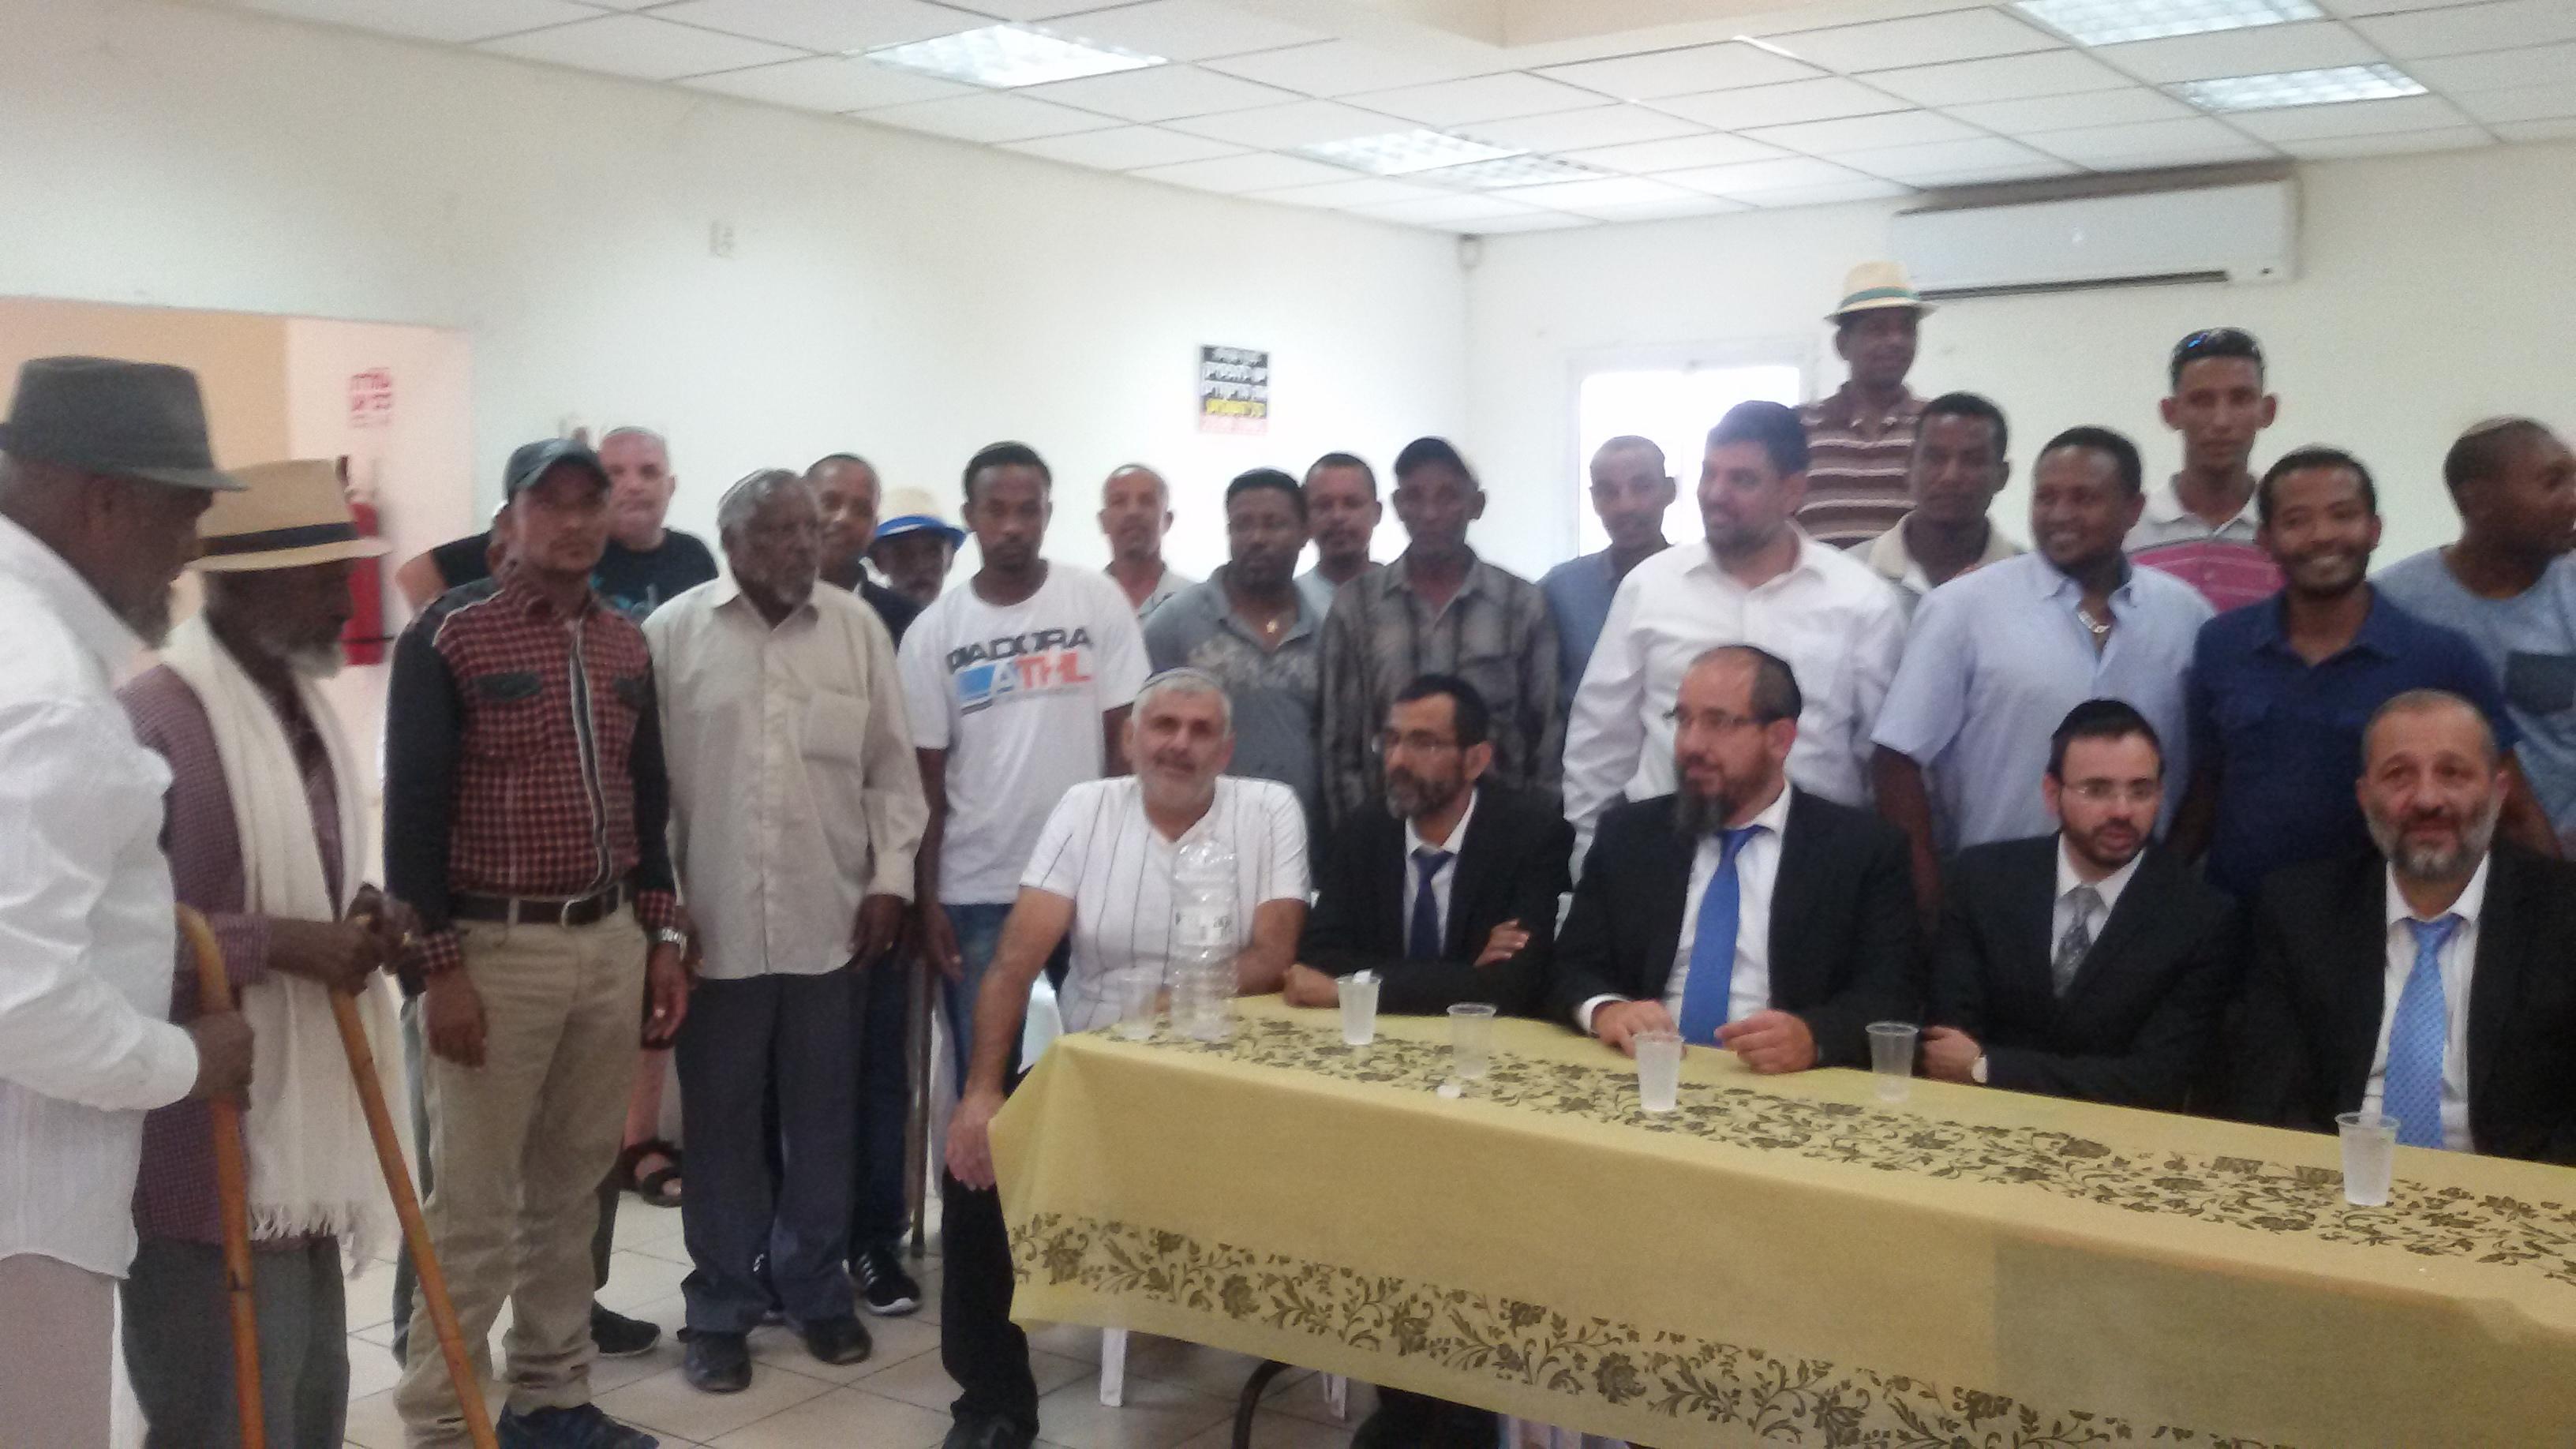 השר אריה דרעי בקהילה האתיופית בפתח תקווה (6)